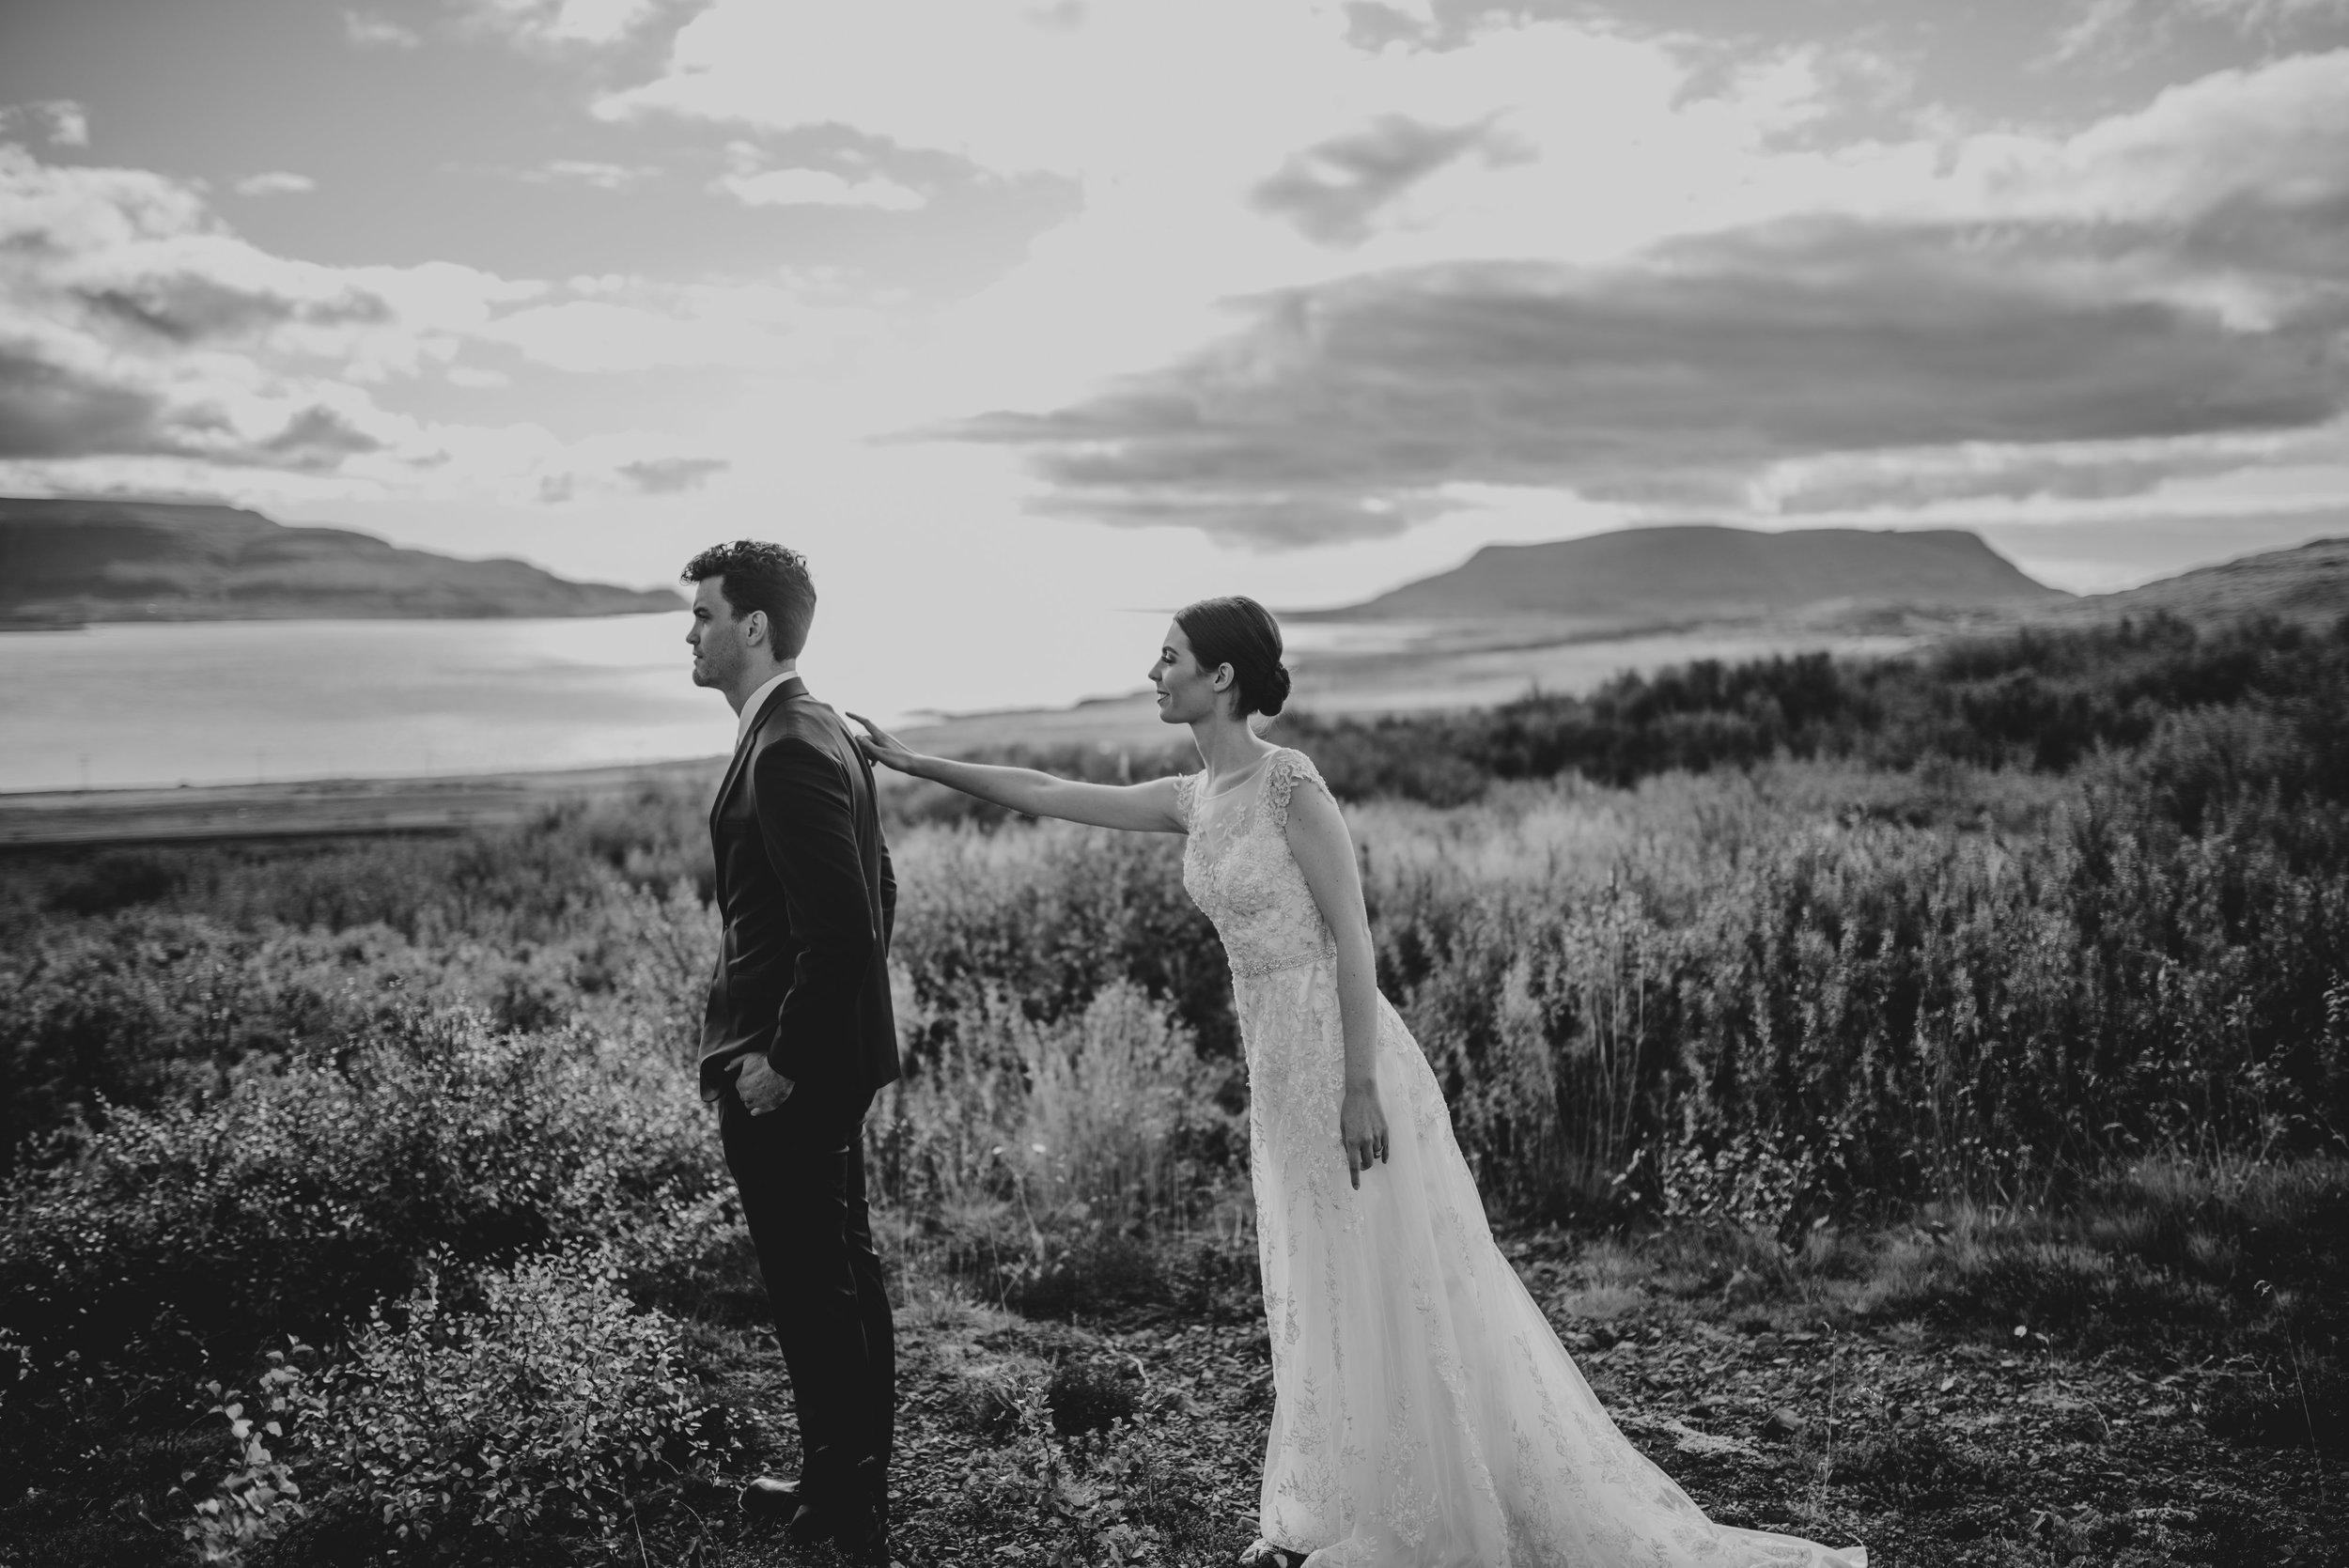 Iceland-Destination-Wedding-First-Look